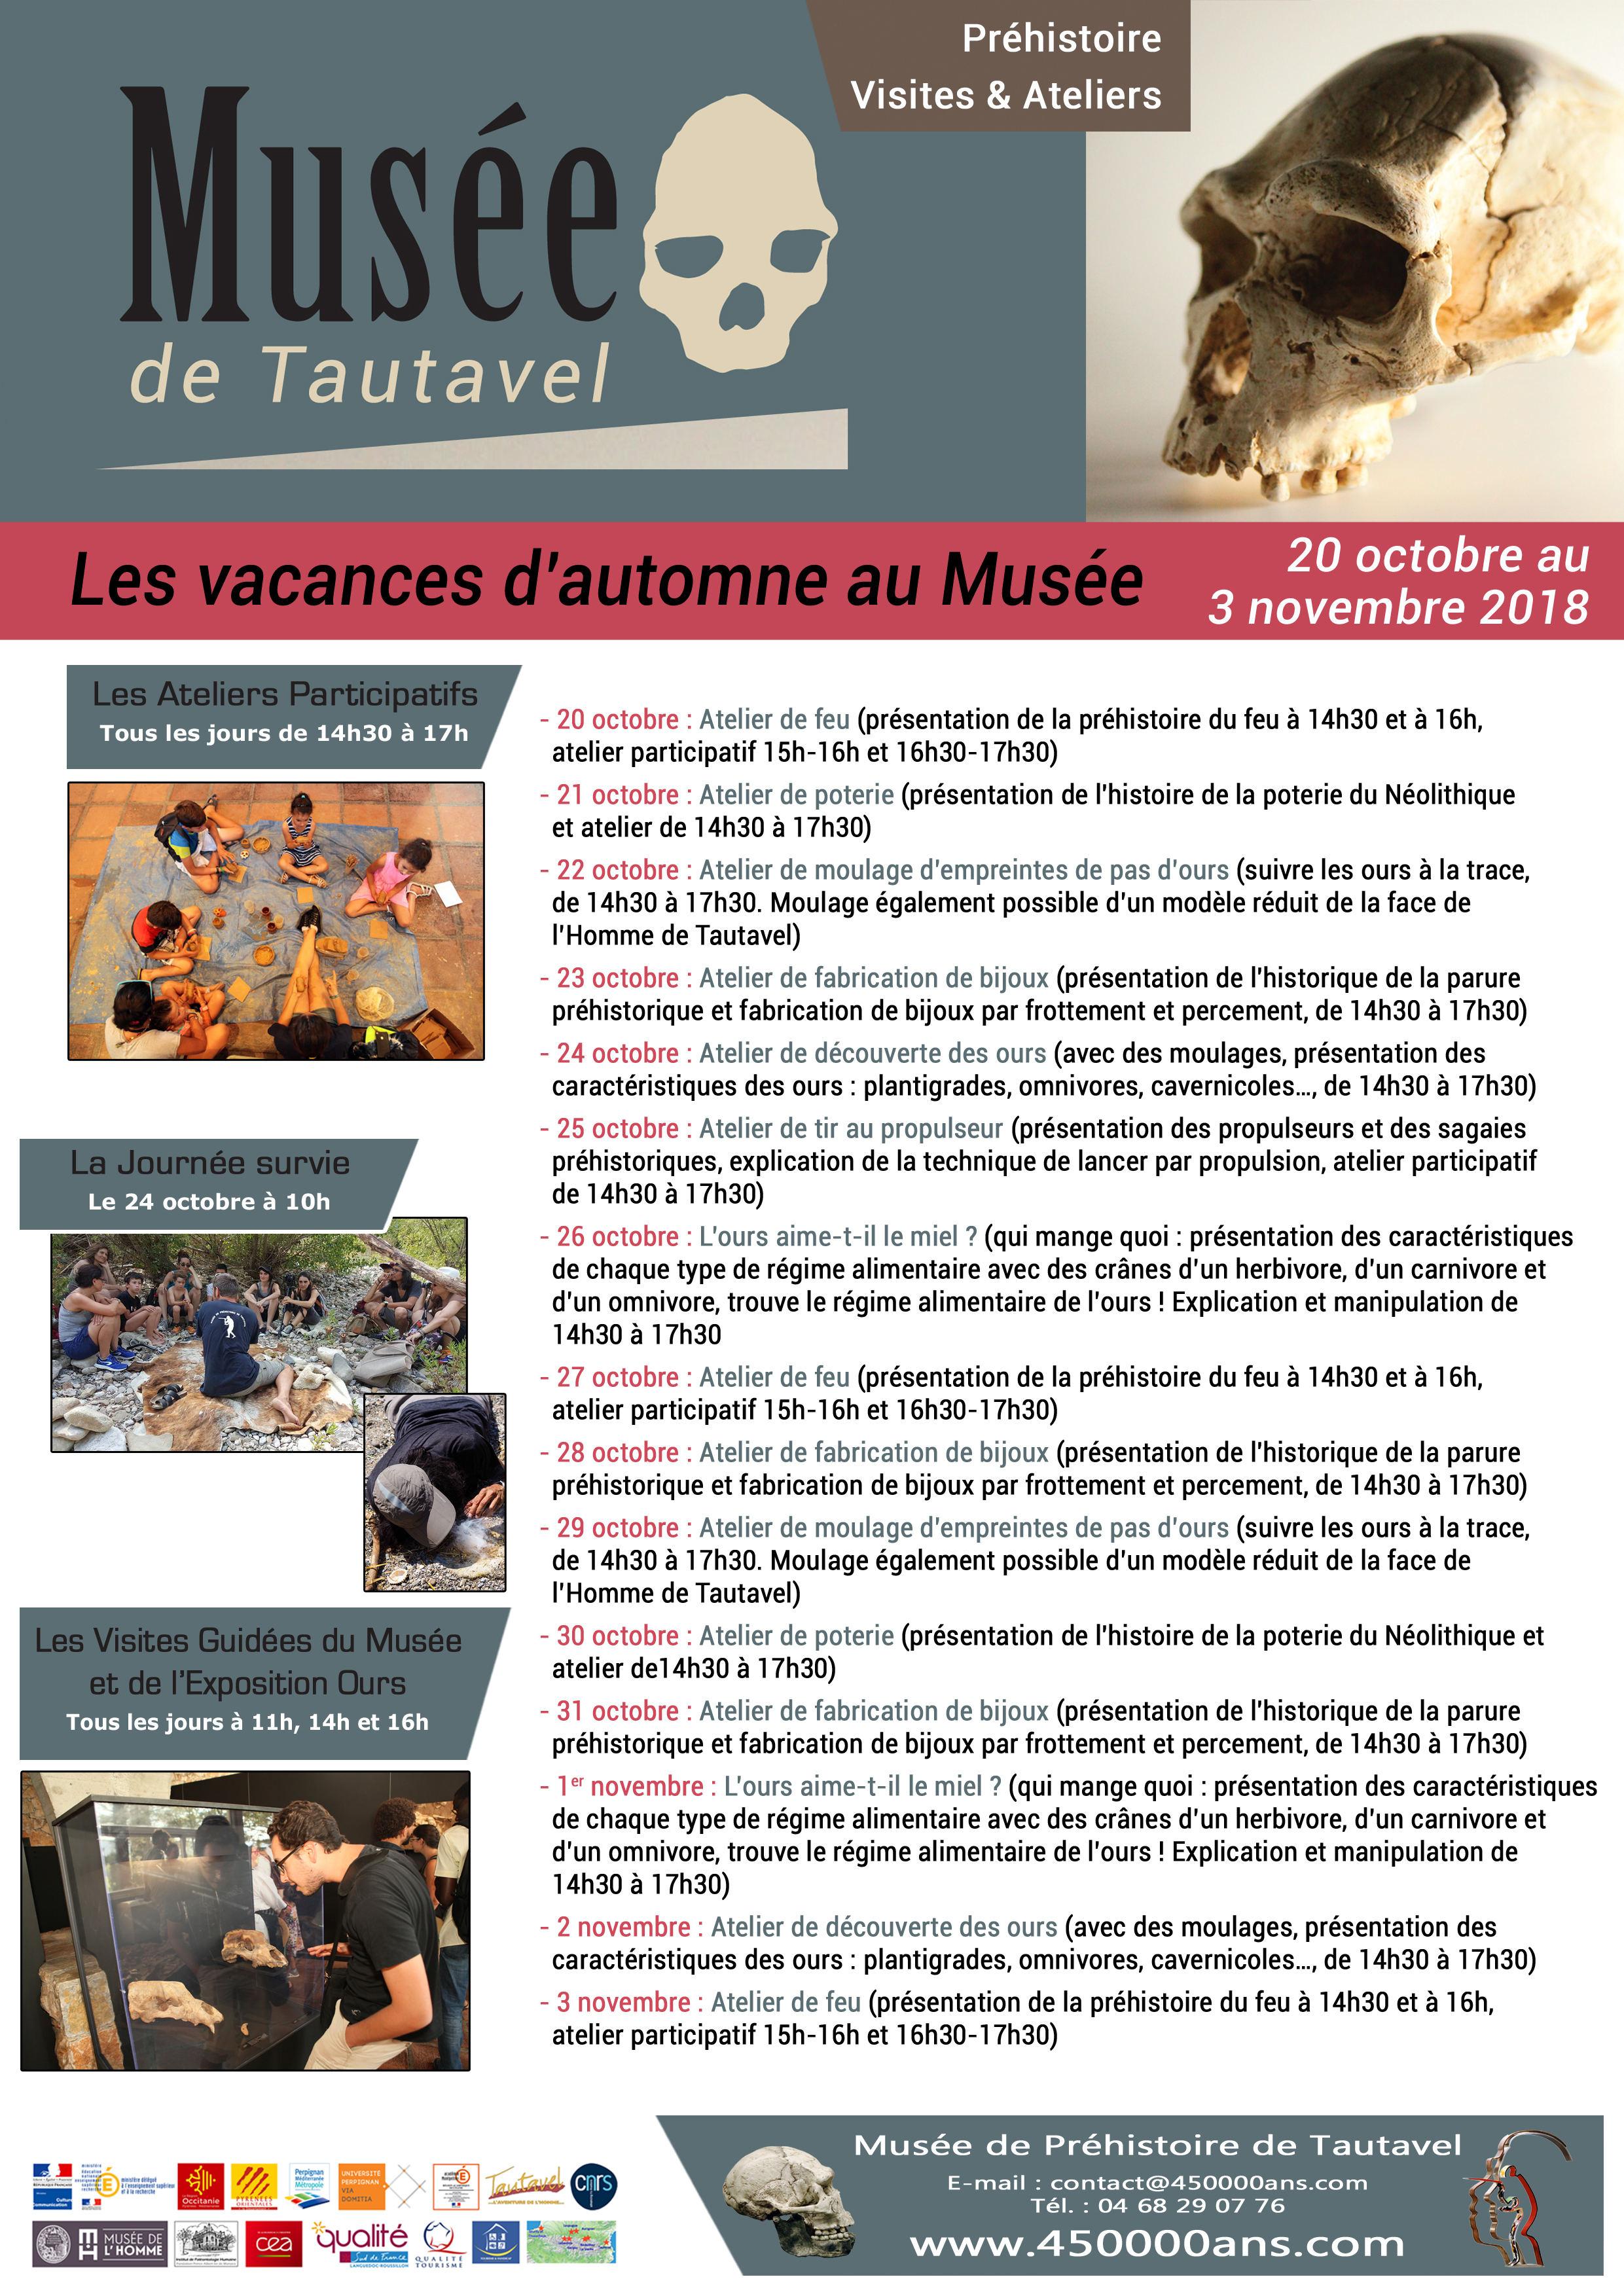 Vacances automne Musée de Tautavel